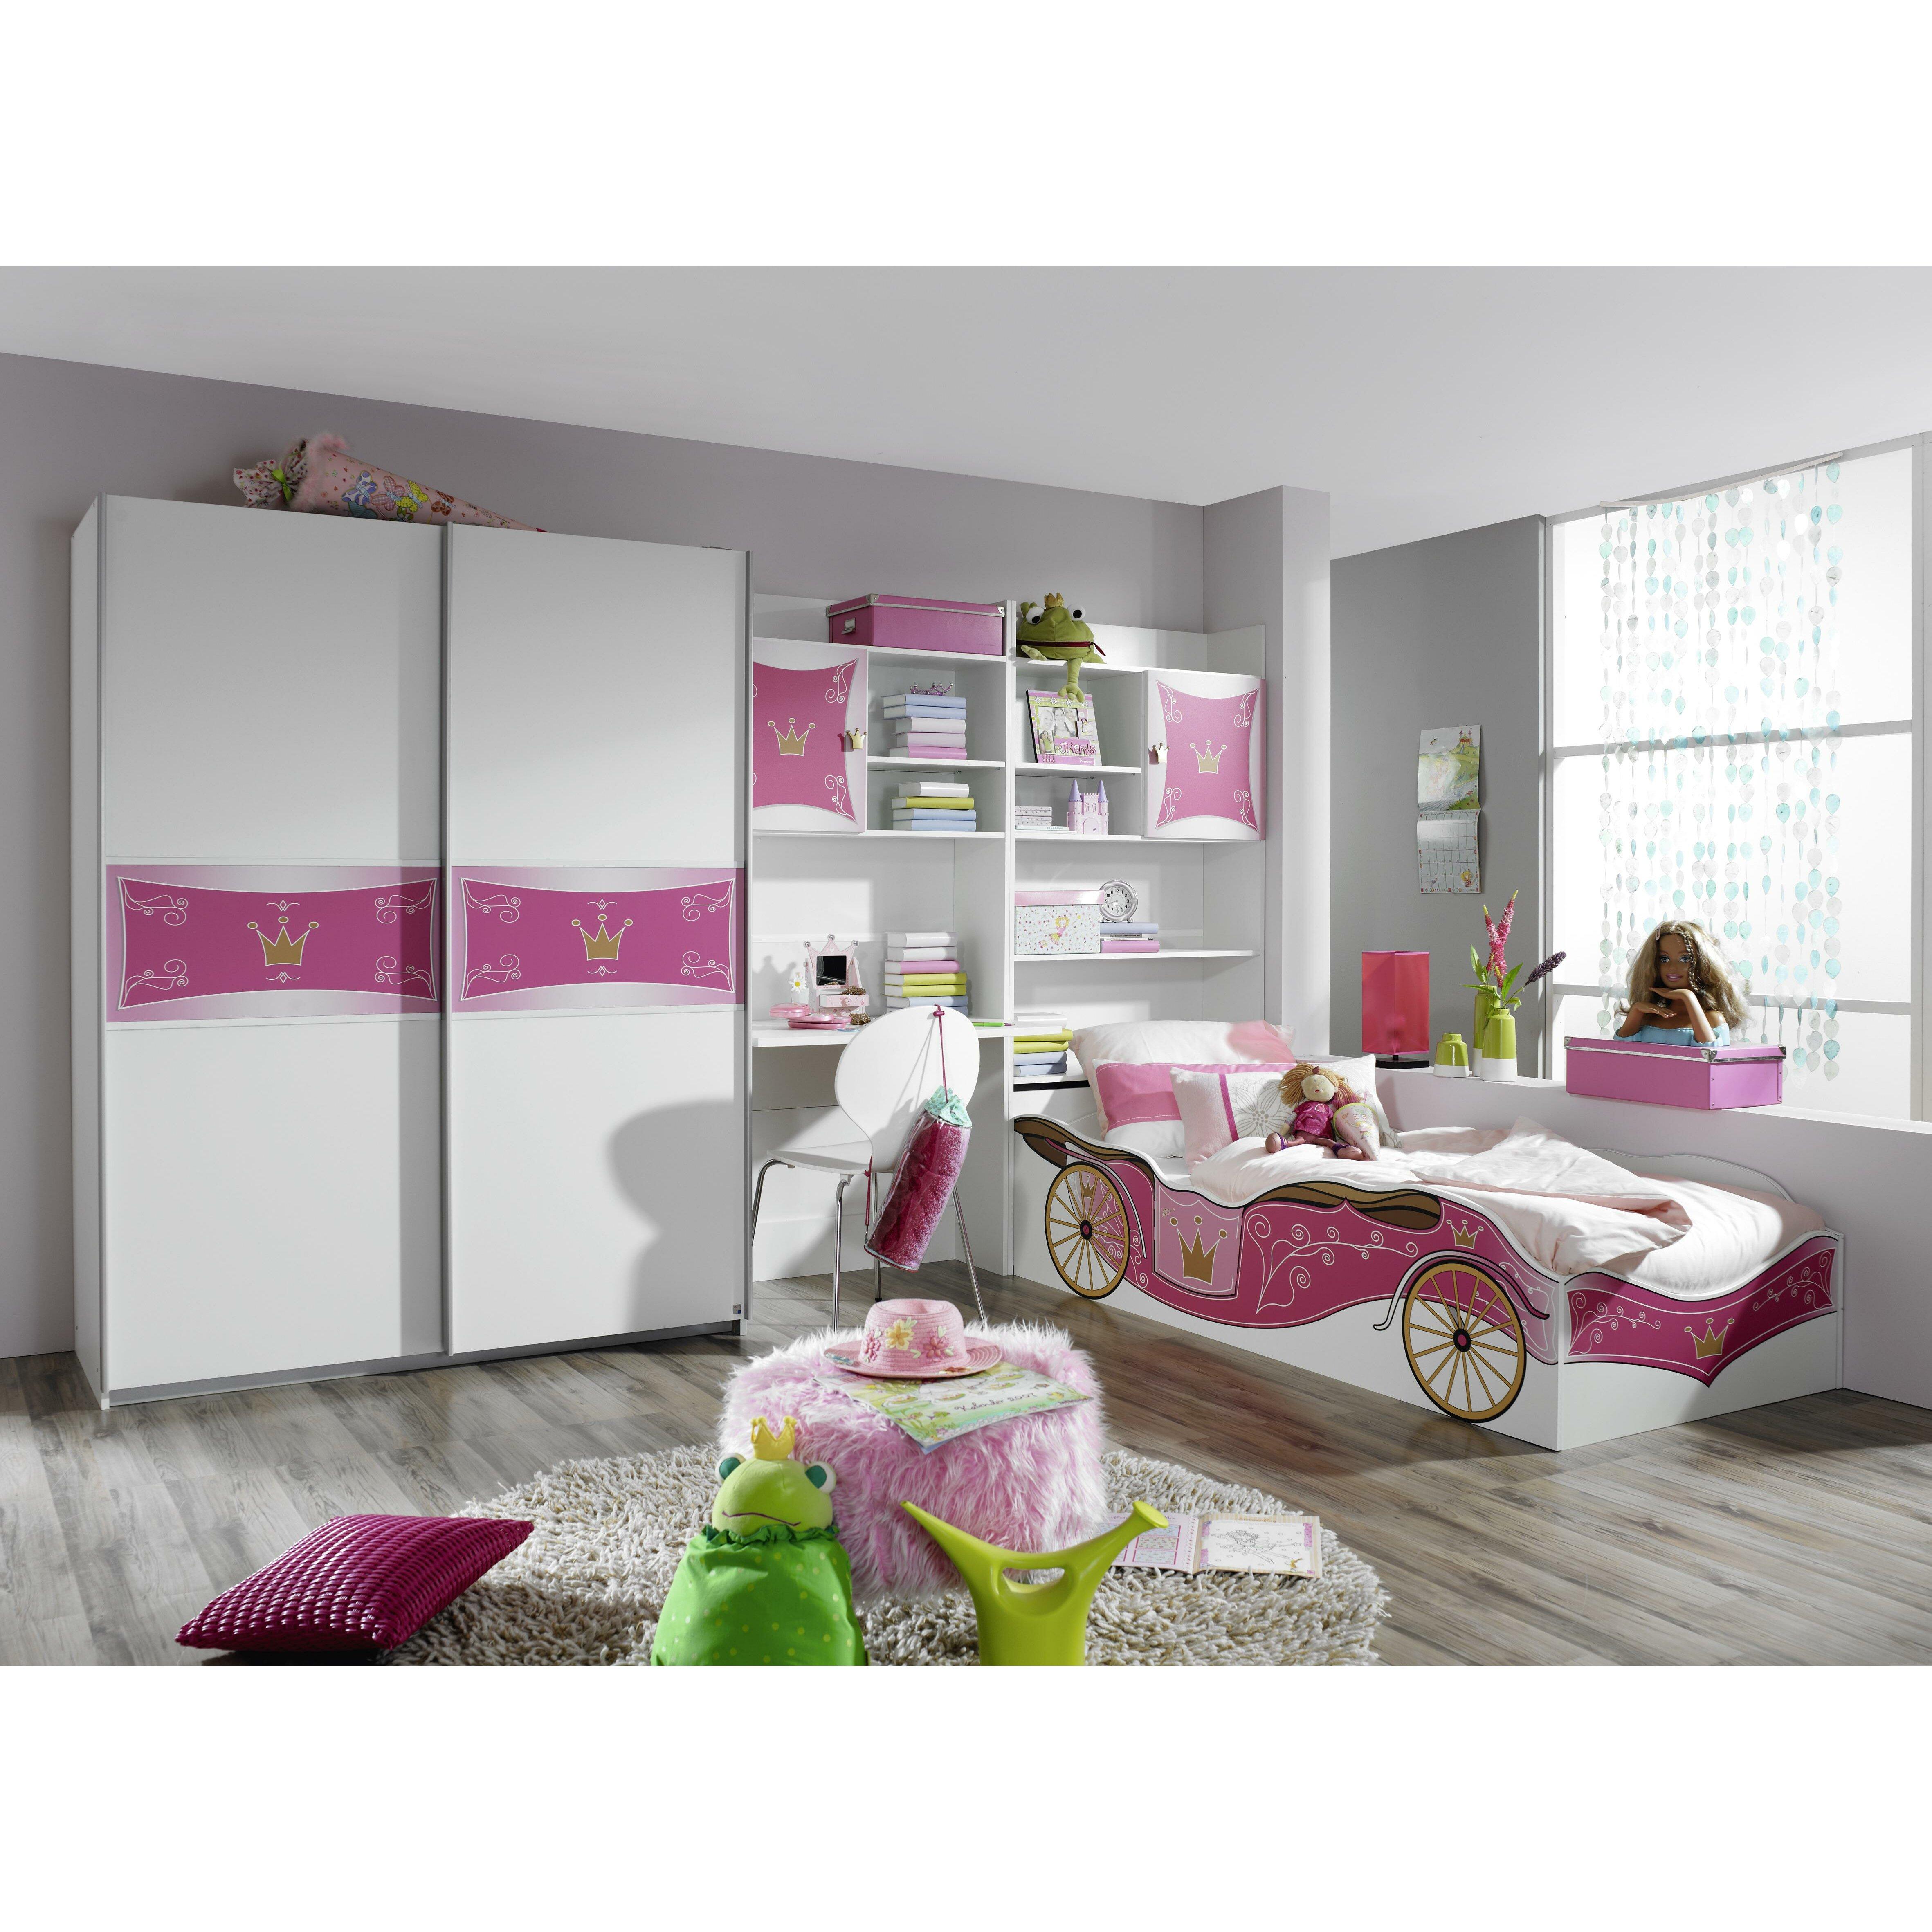 3 tlg schlafzimmer set kate 90 x 200 cm von rauch. Black Bedroom Furniture Sets. Home Design Ideas